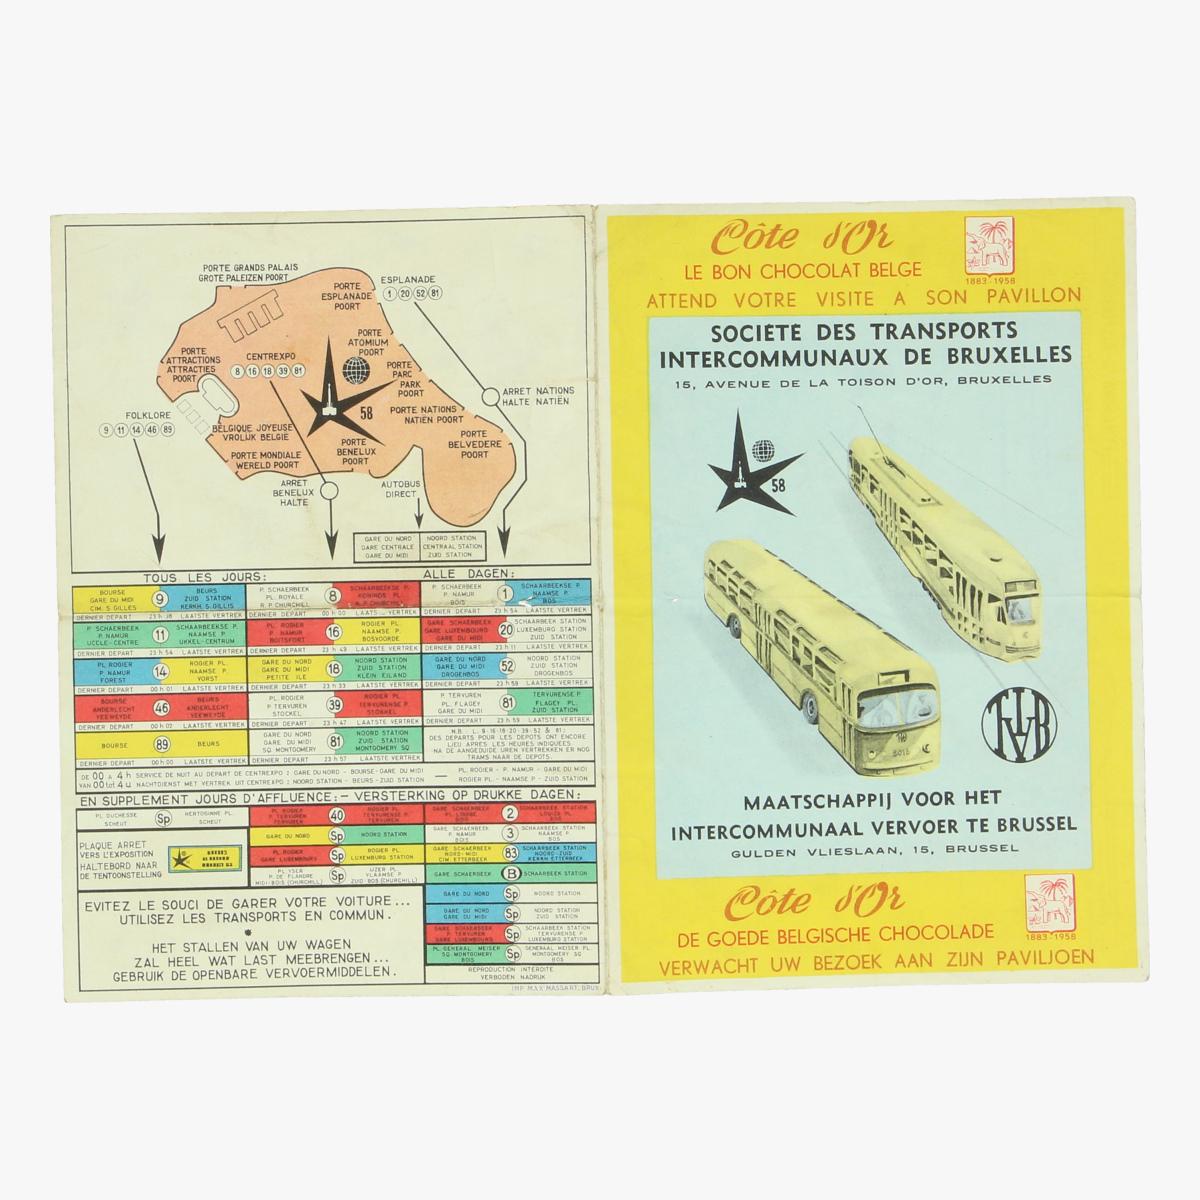 Afbeeldingen van expo 58 cote d'or de goede belgische chocolade verwacht uw bezoek aan zijn paviljoen